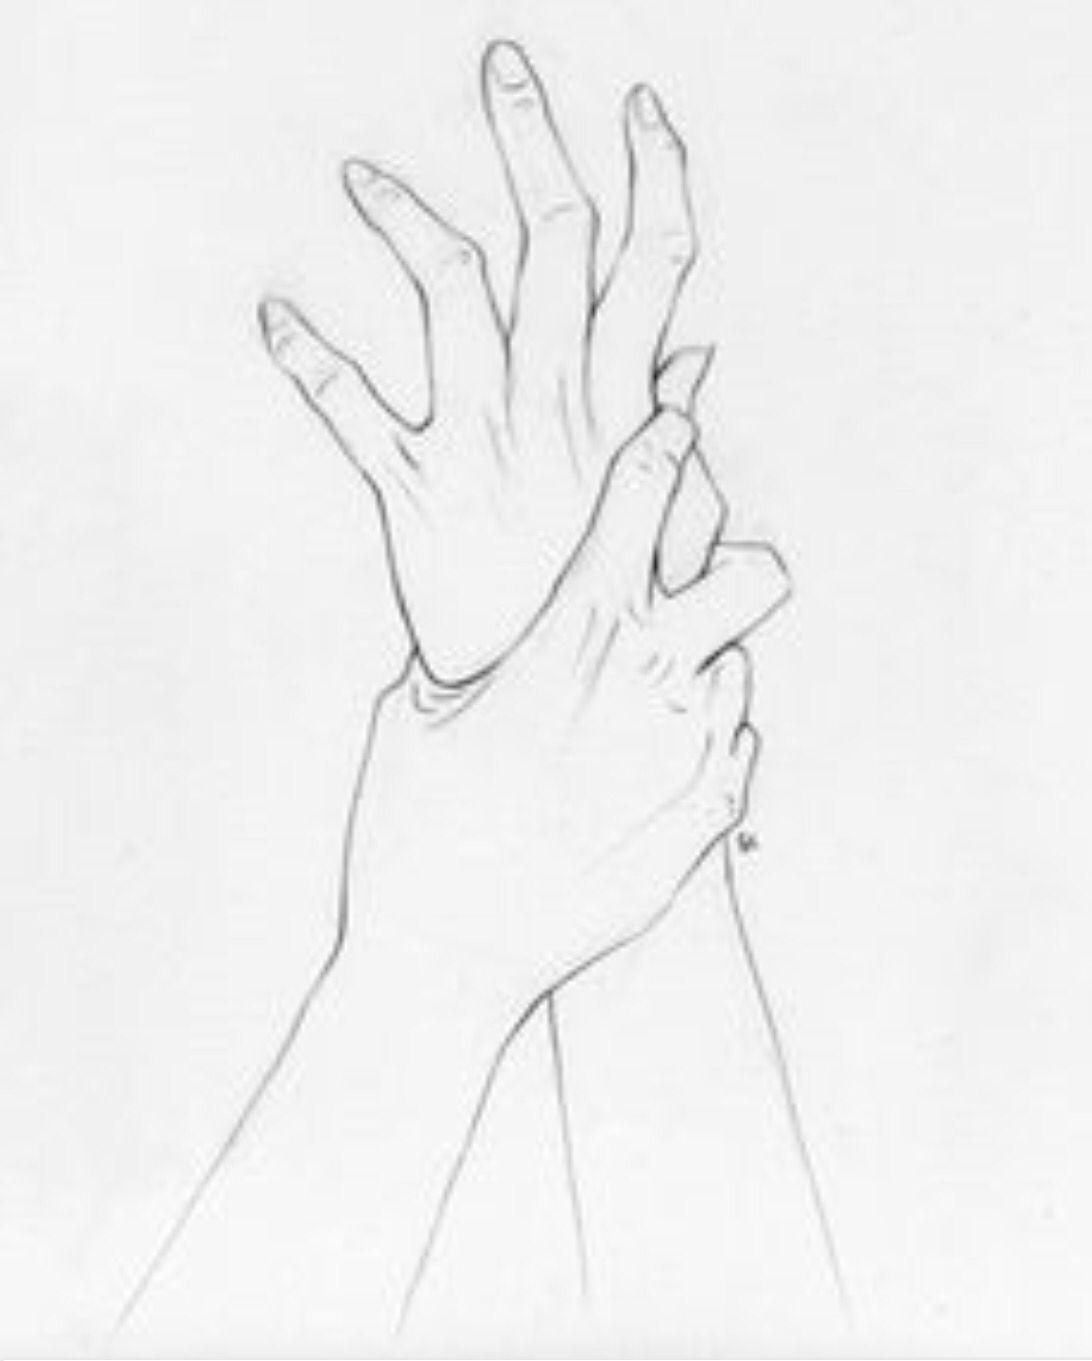 Hand Grabbing Drawing : grabbing, drawing, References, Drawing, Grabbing, Wrists, Reference,, Sketches